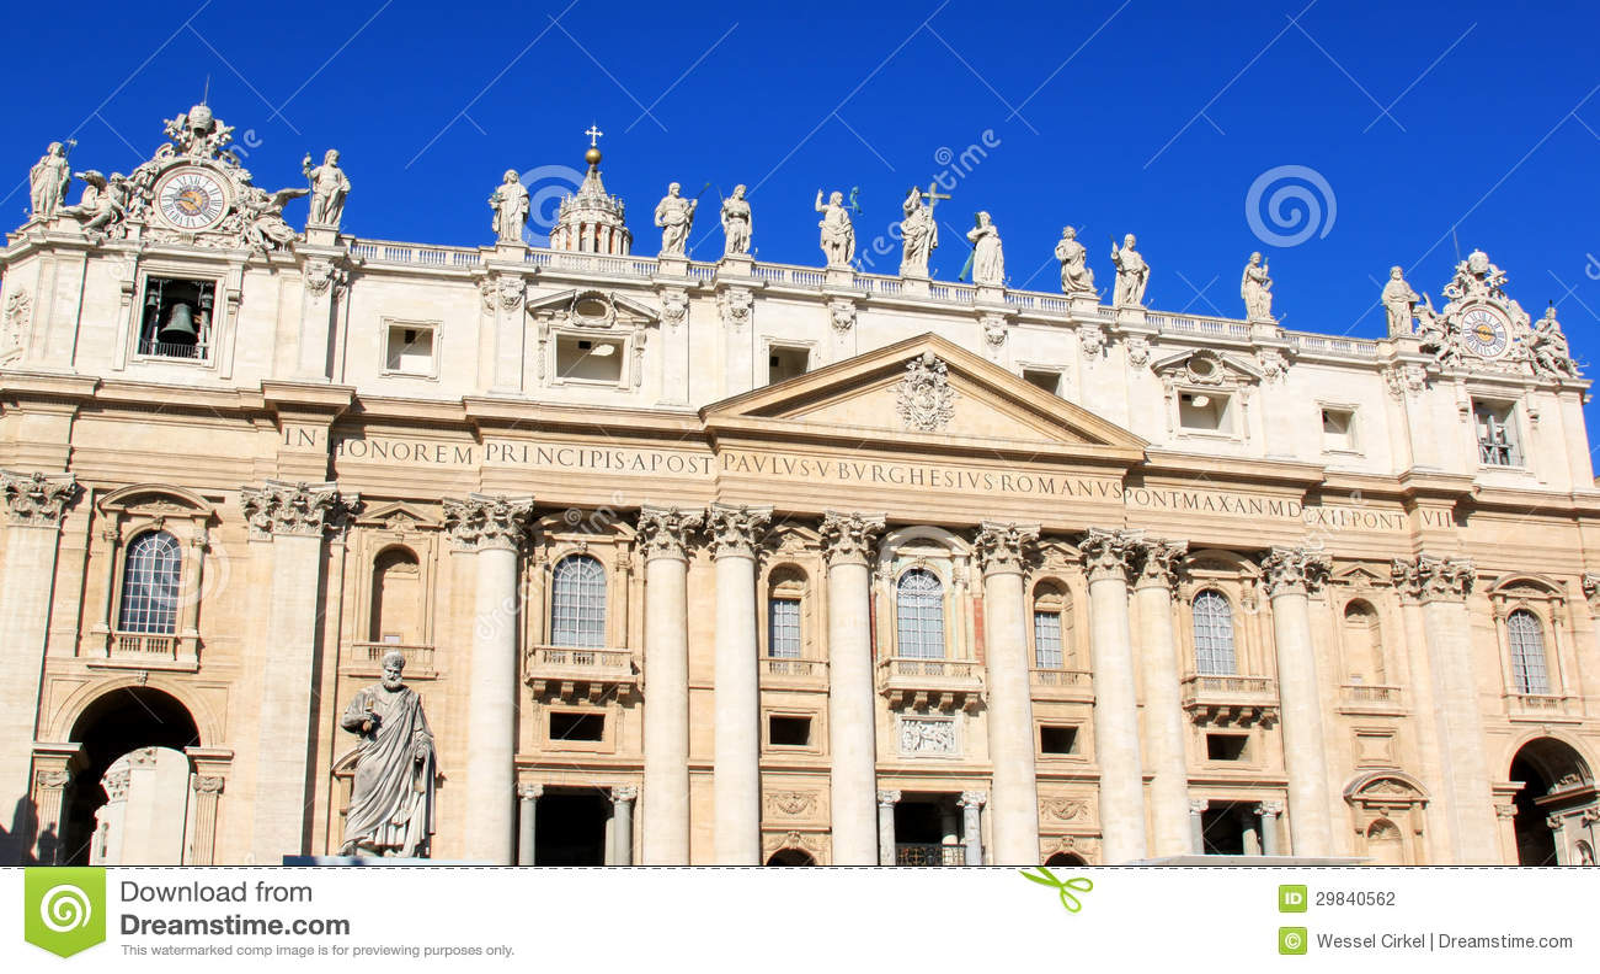 Fachada da basílica de St Peter em Roma, Italia